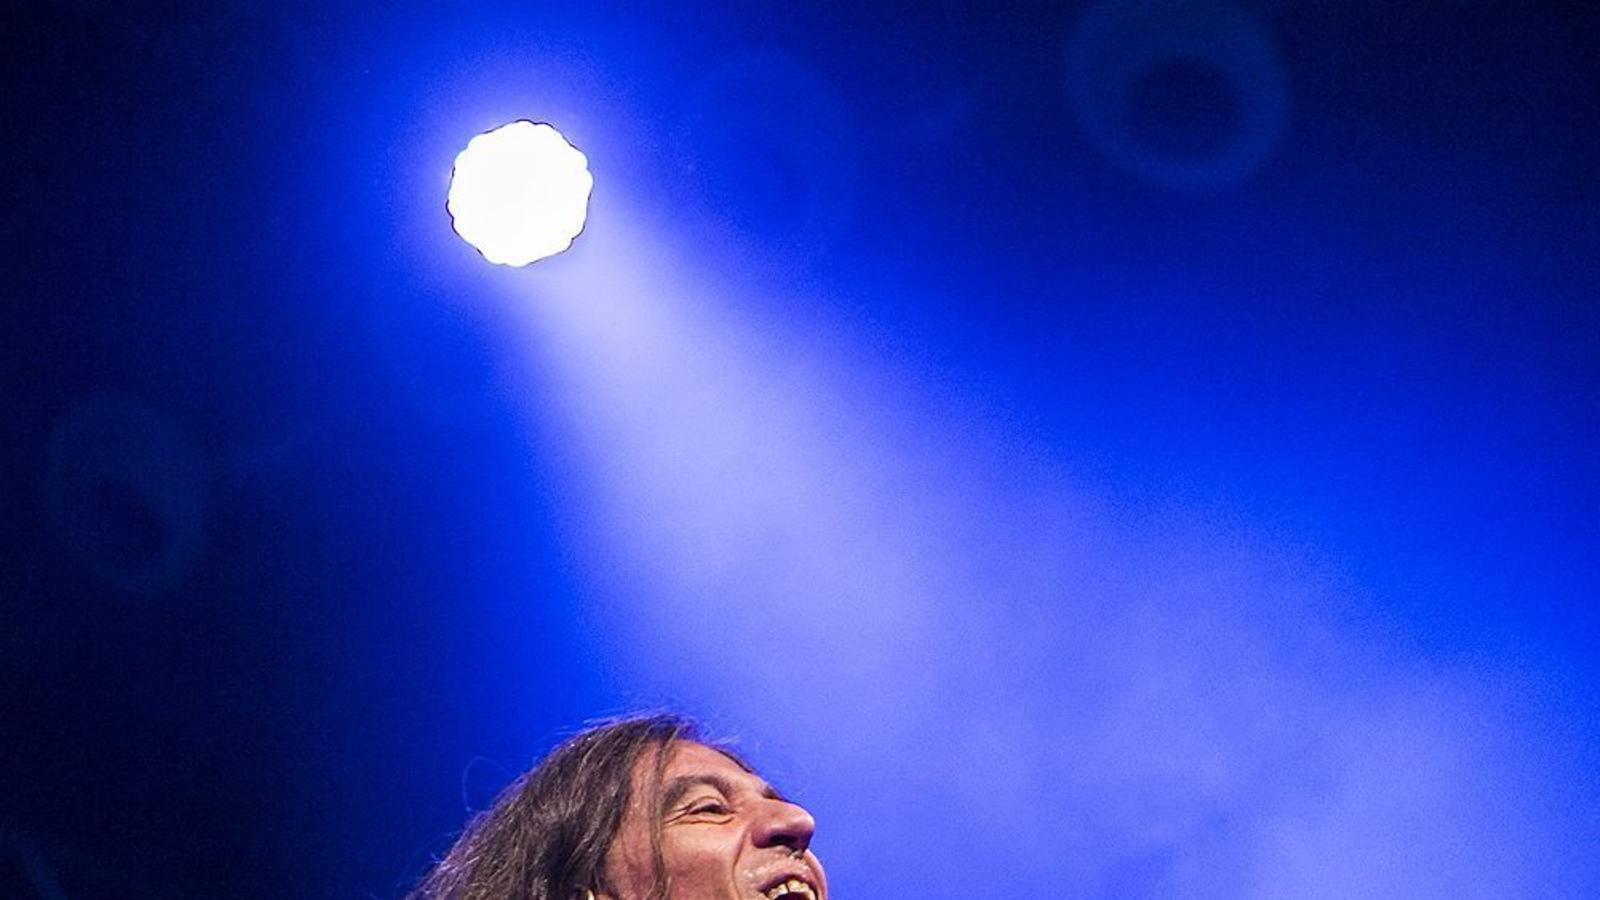 Gerard Quintana en un moment del concert de Sopa de Cabra ahir a la nit al Razzmatazz.